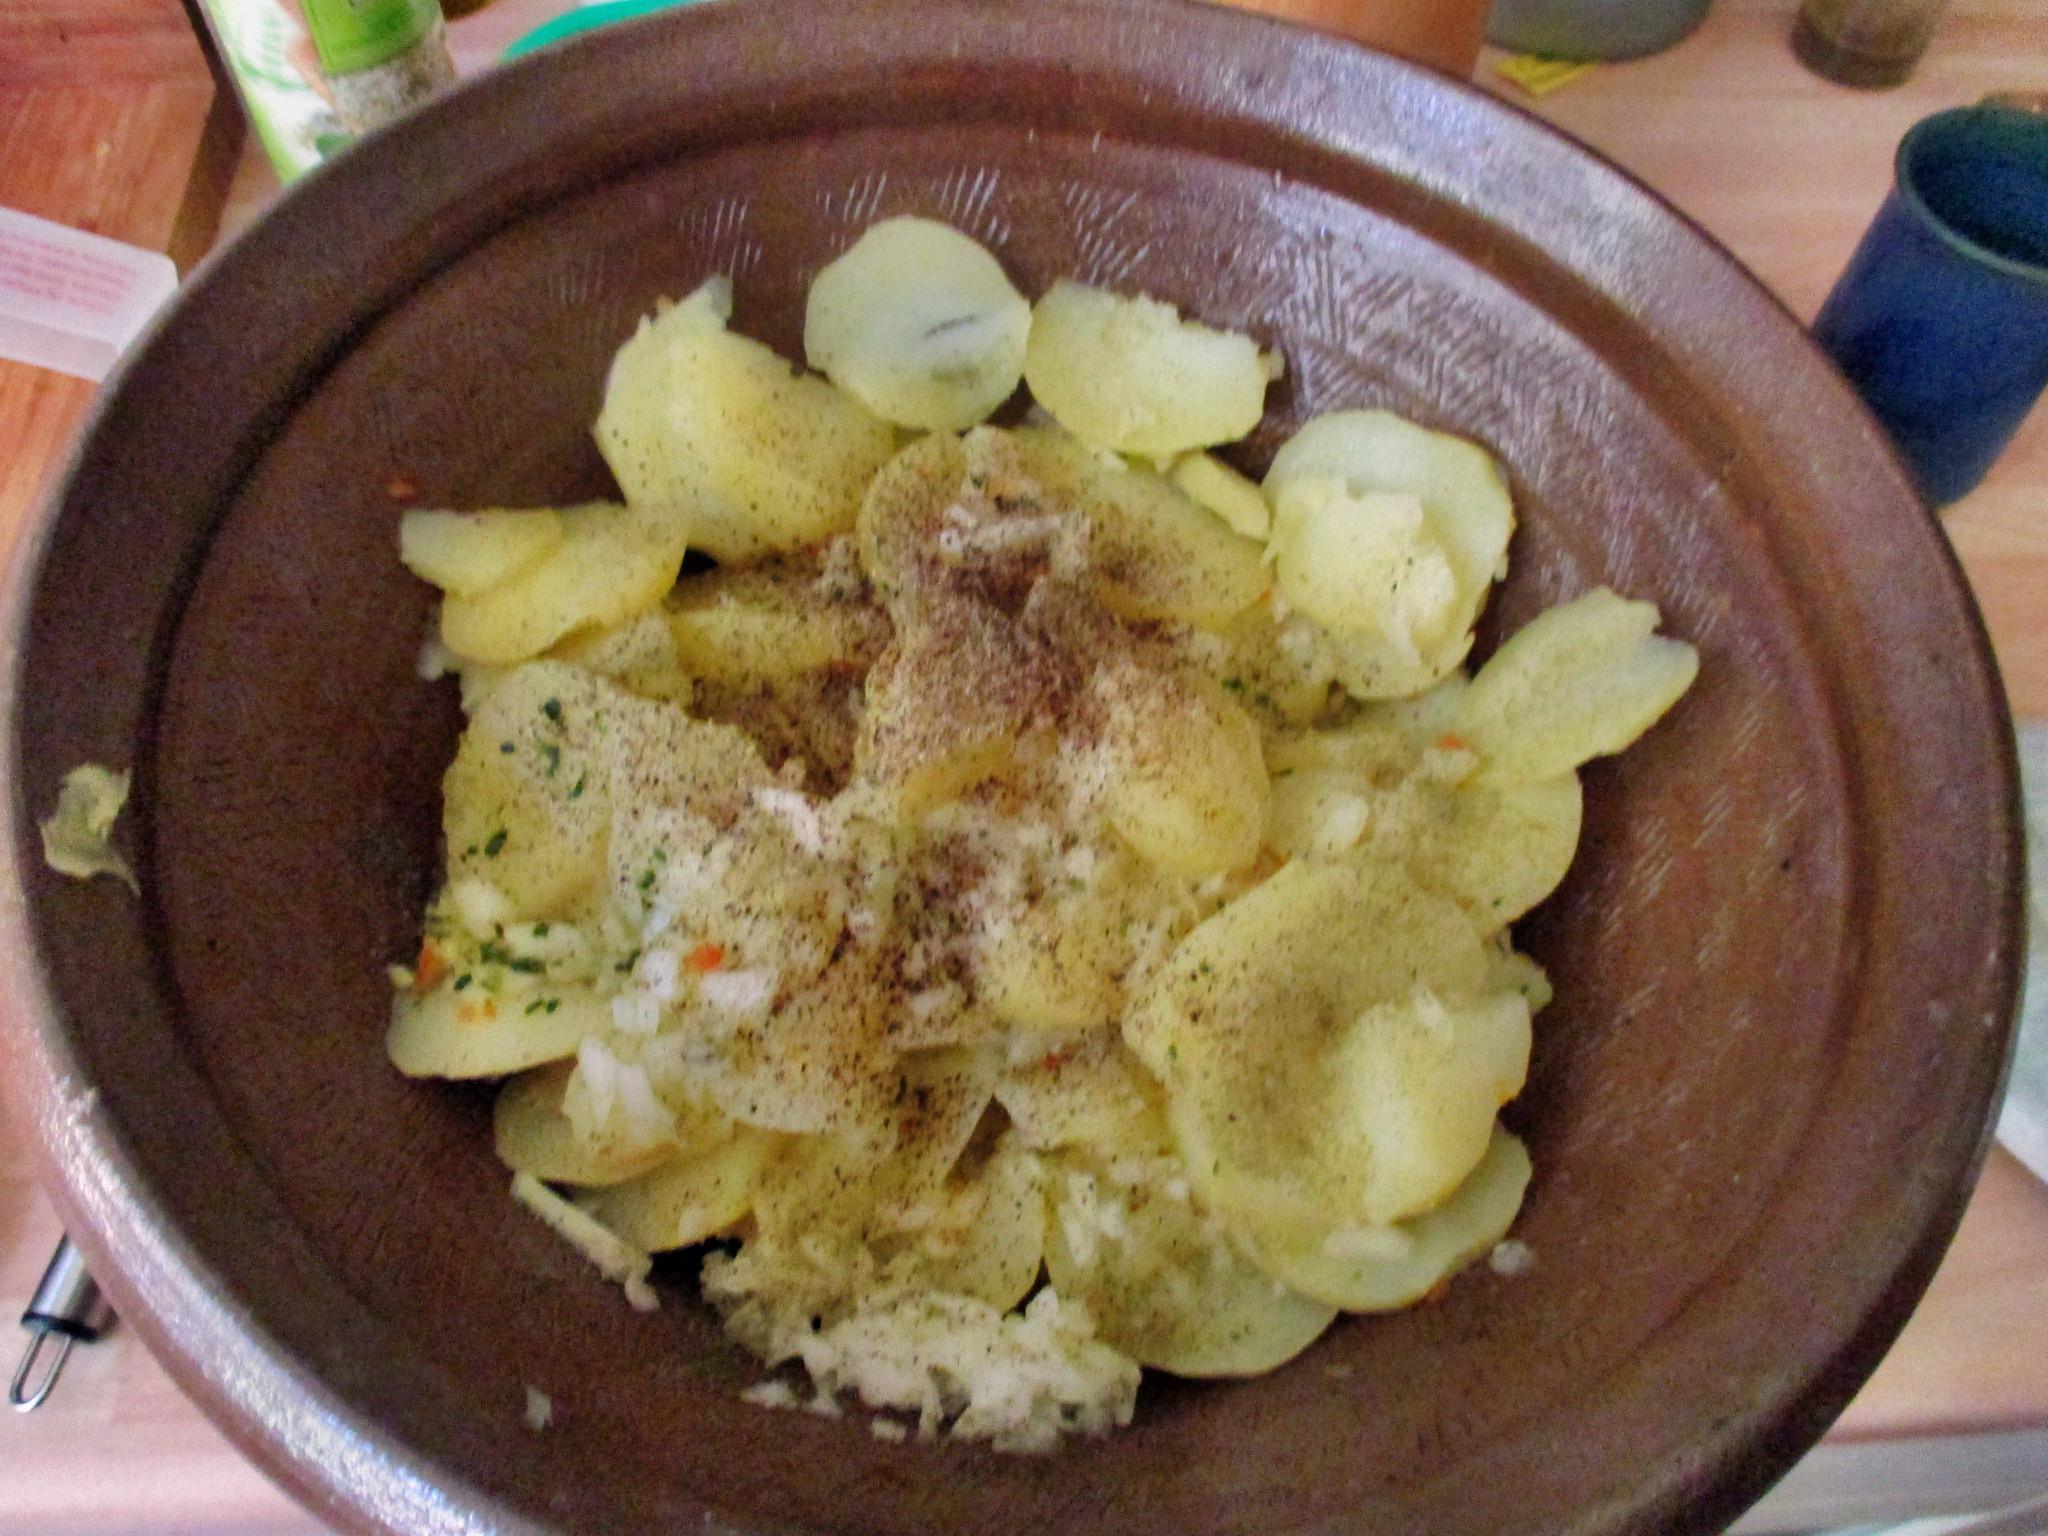 Kartoffelsalat,Ei,Gurkensalat - 25.7.15   (3)